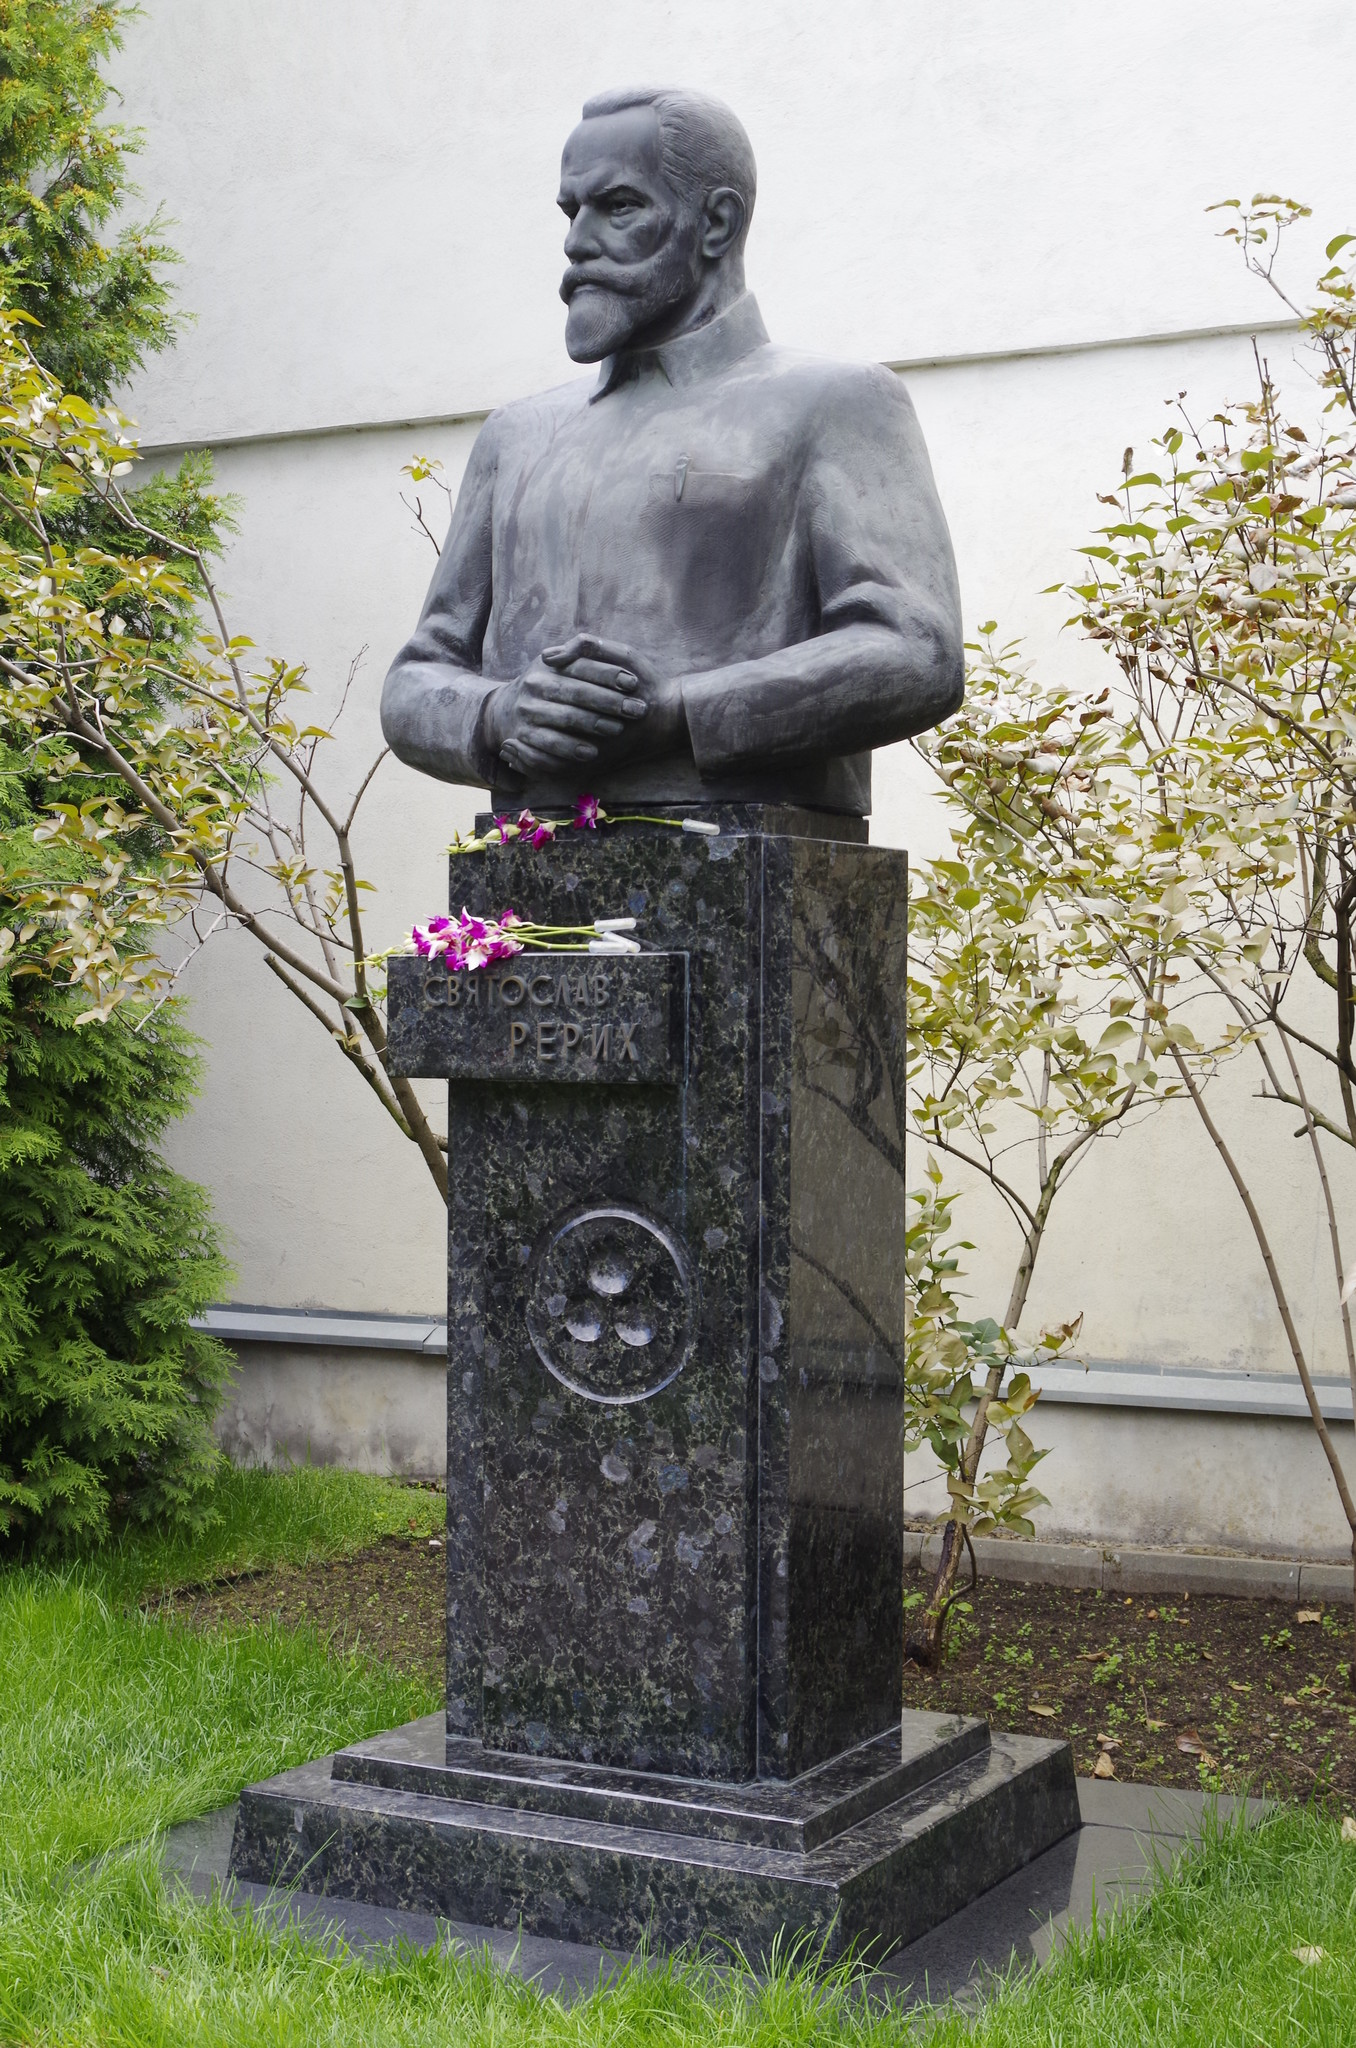 Памятник Святославу Рериху установлен в 2004 году на территории бывшей усадьбы Лопухиных